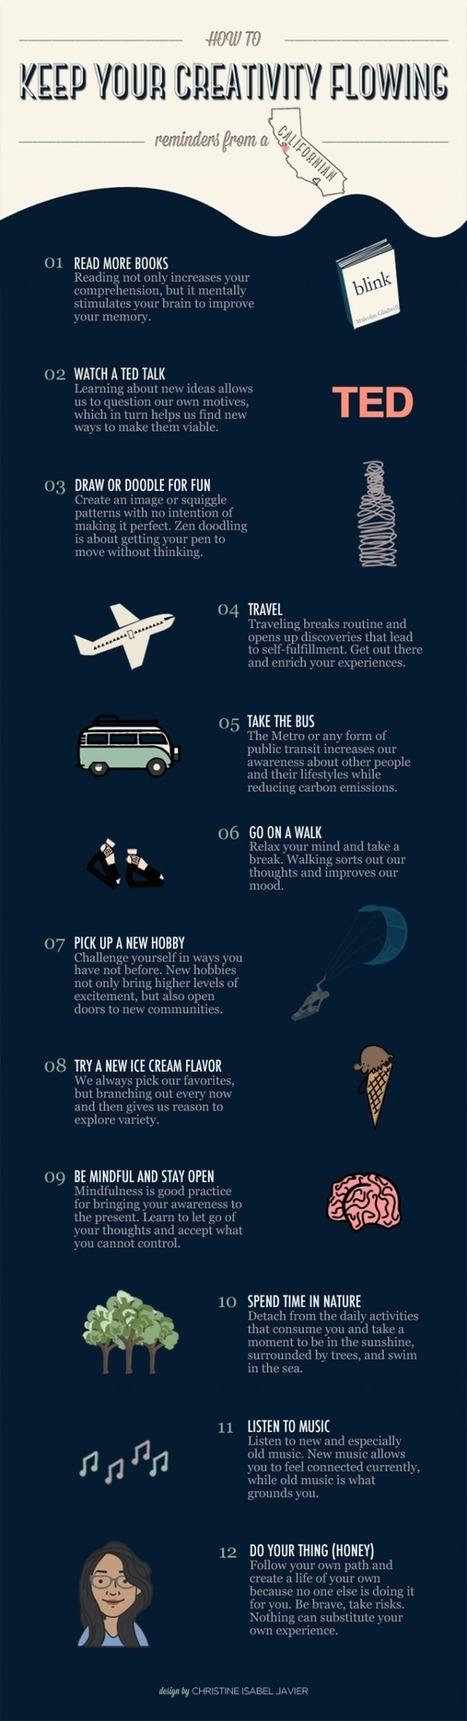 Cómo mantener viva tu #creatividad #infografia #infographic | Sociedad 3.0 | Scoop.it